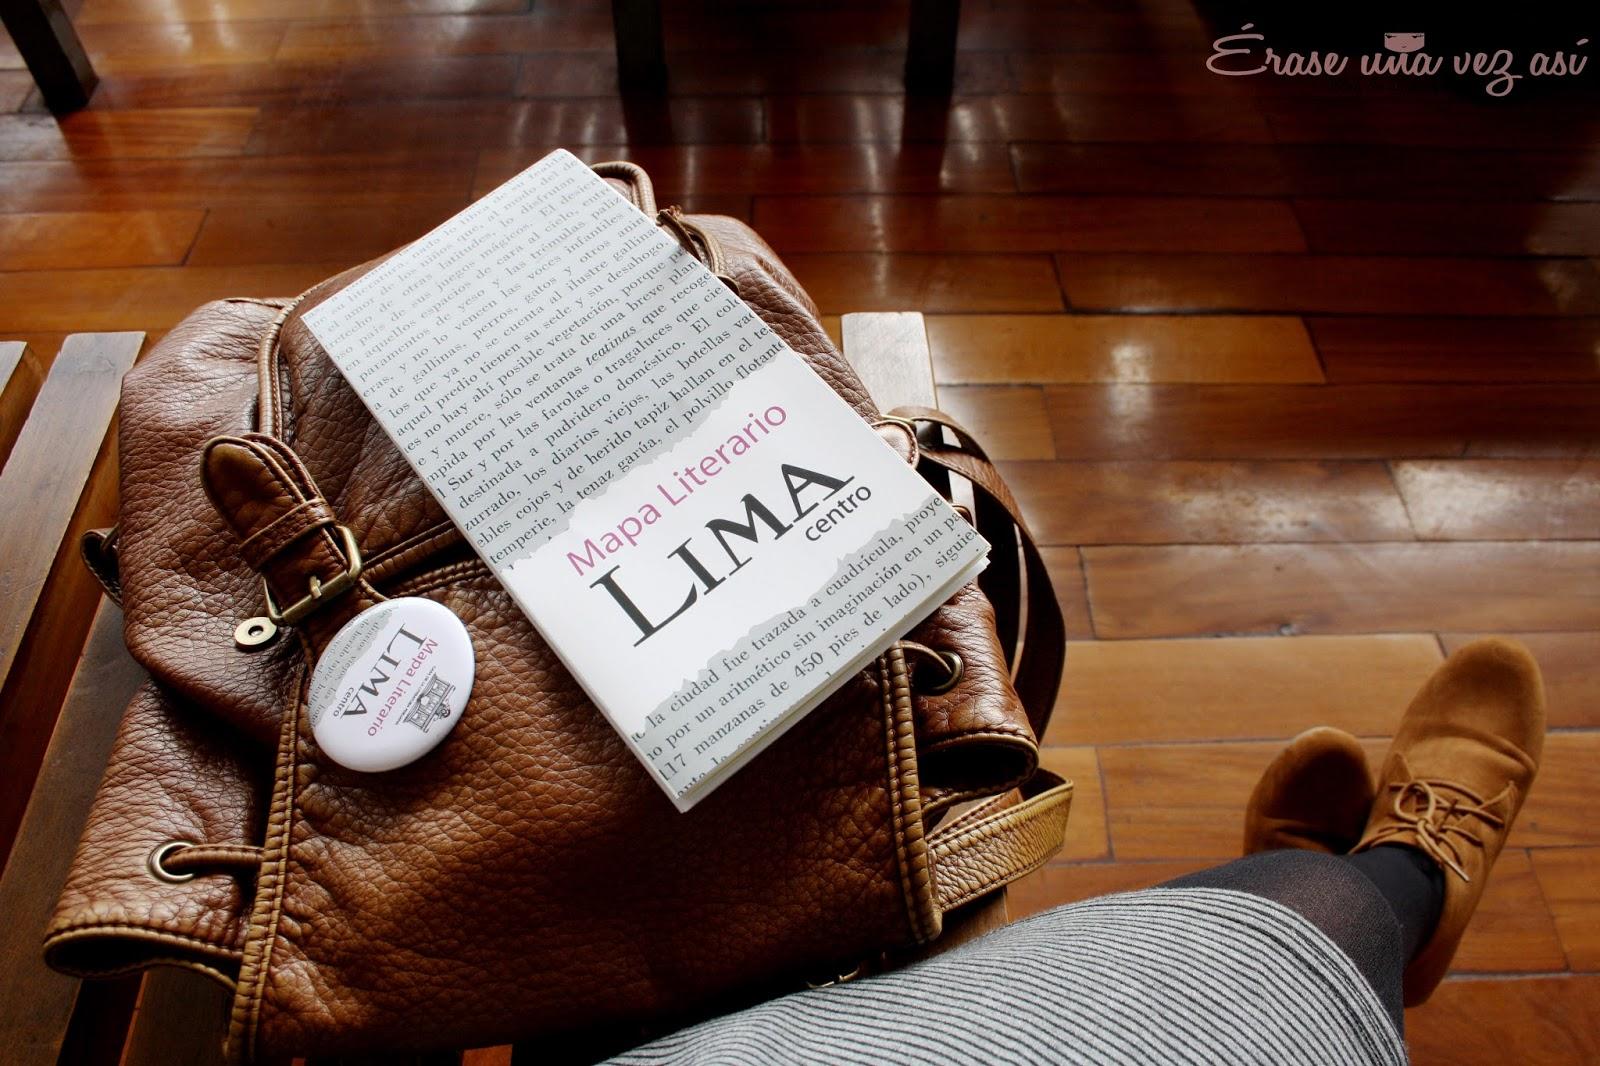 mapa literario de lima, visita al mapa literario de lima, talleres de la casa de la literatura de lima, bar el parlermo, en lima cada uno es poeta, julia zavala, erase una vez asi,